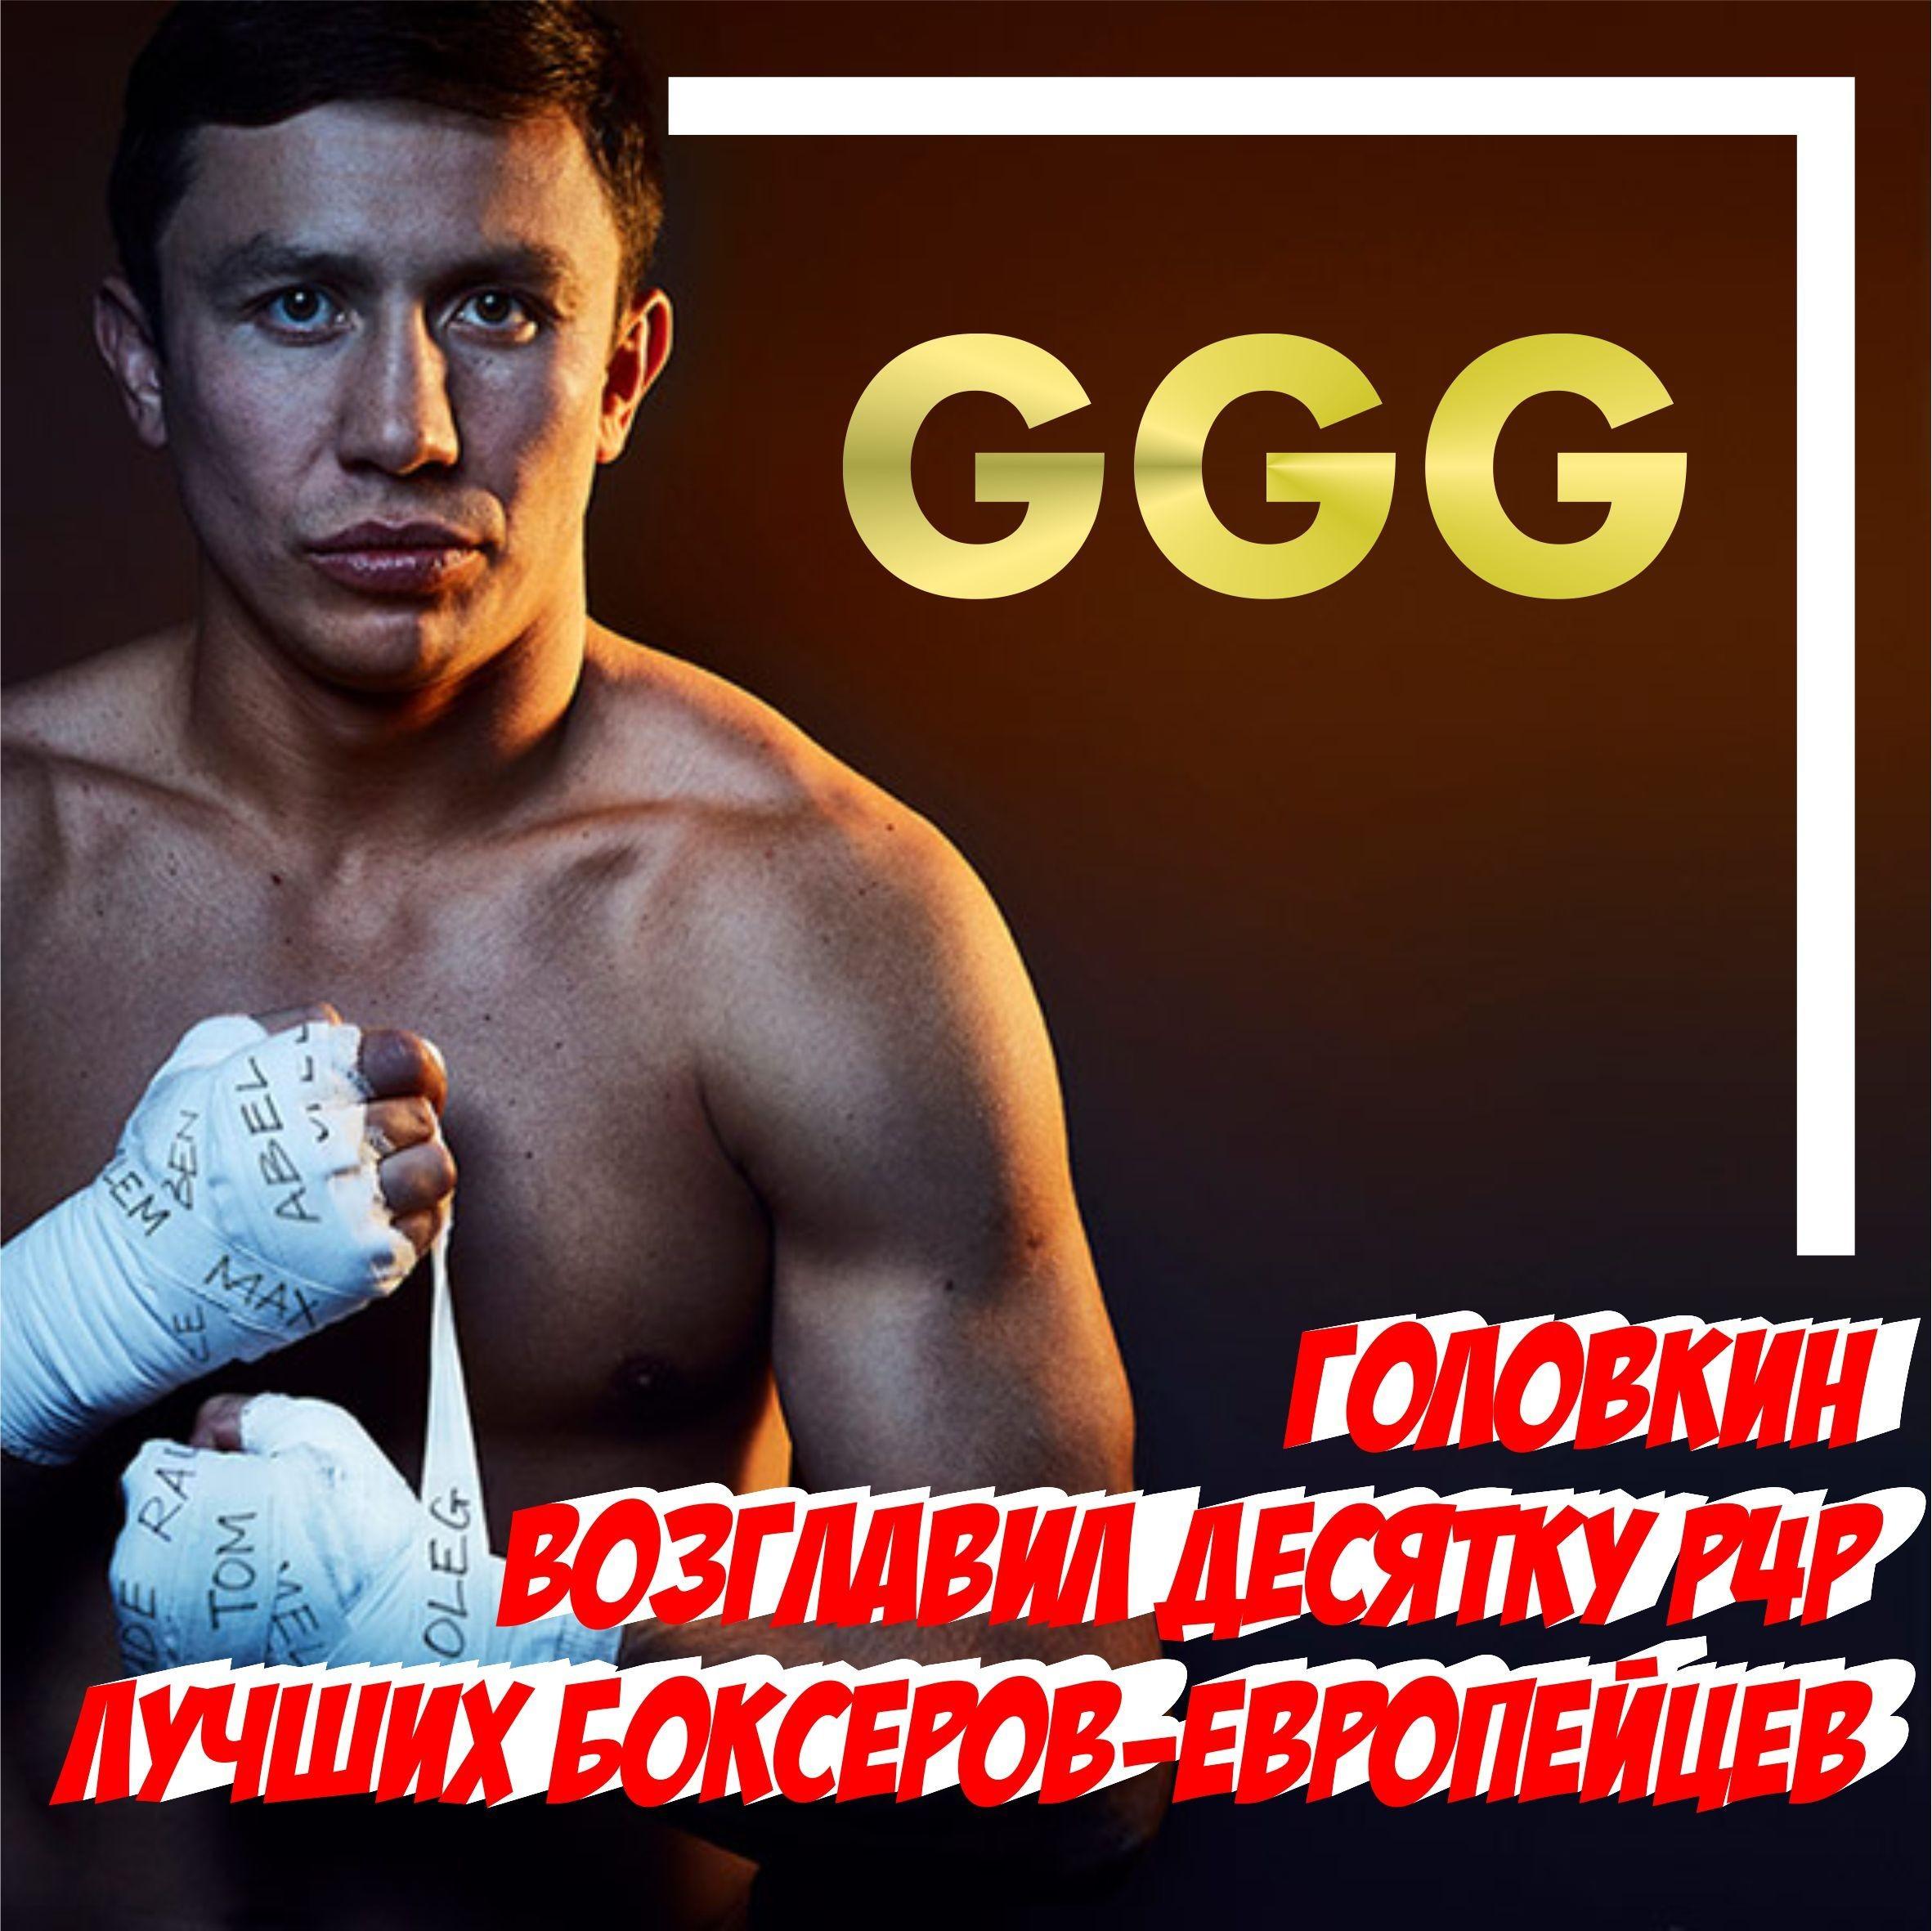 Головкин возглавил десятку P4P лучших боксеров-европейцев